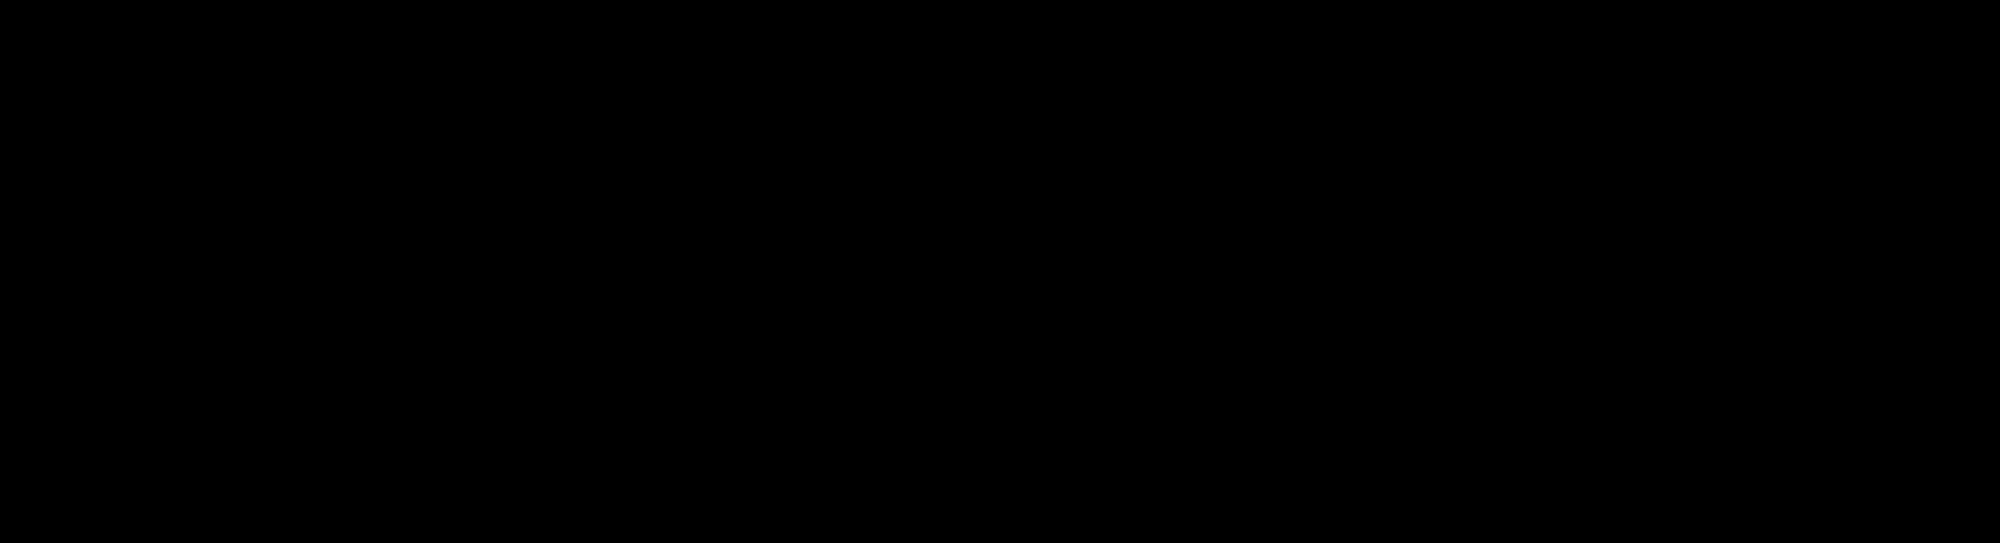 calligraphic-swirls-flourishes-5.png